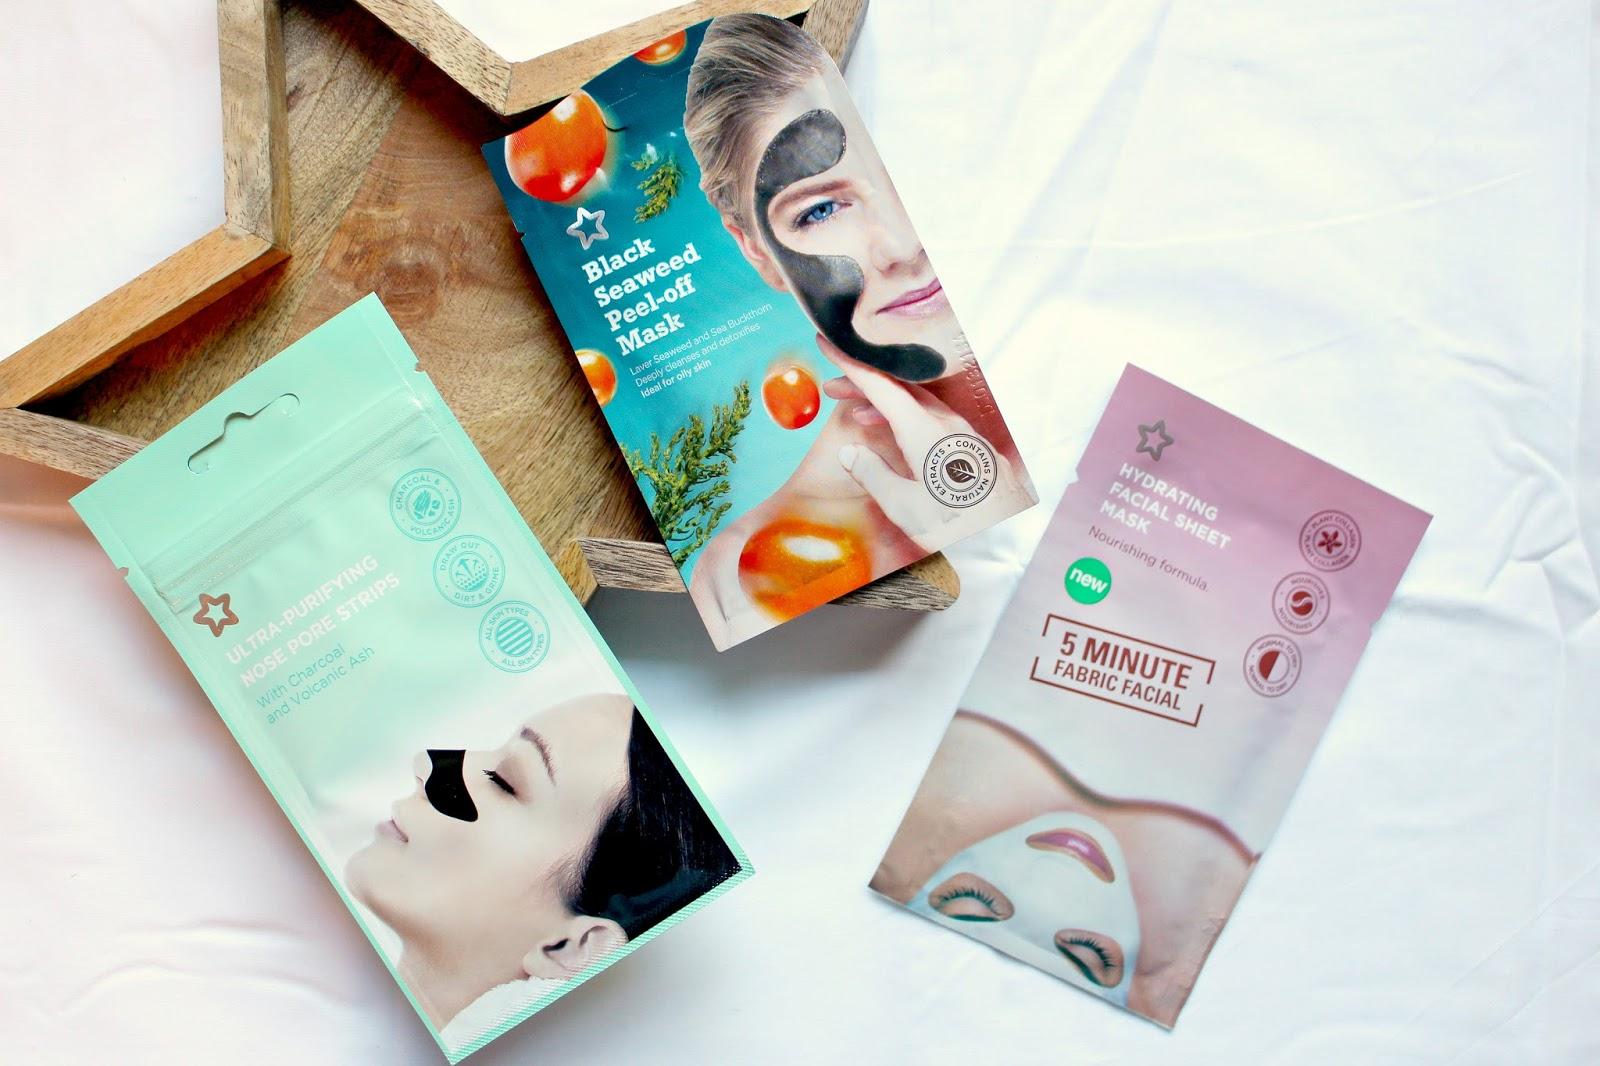 facemasks from superdrug